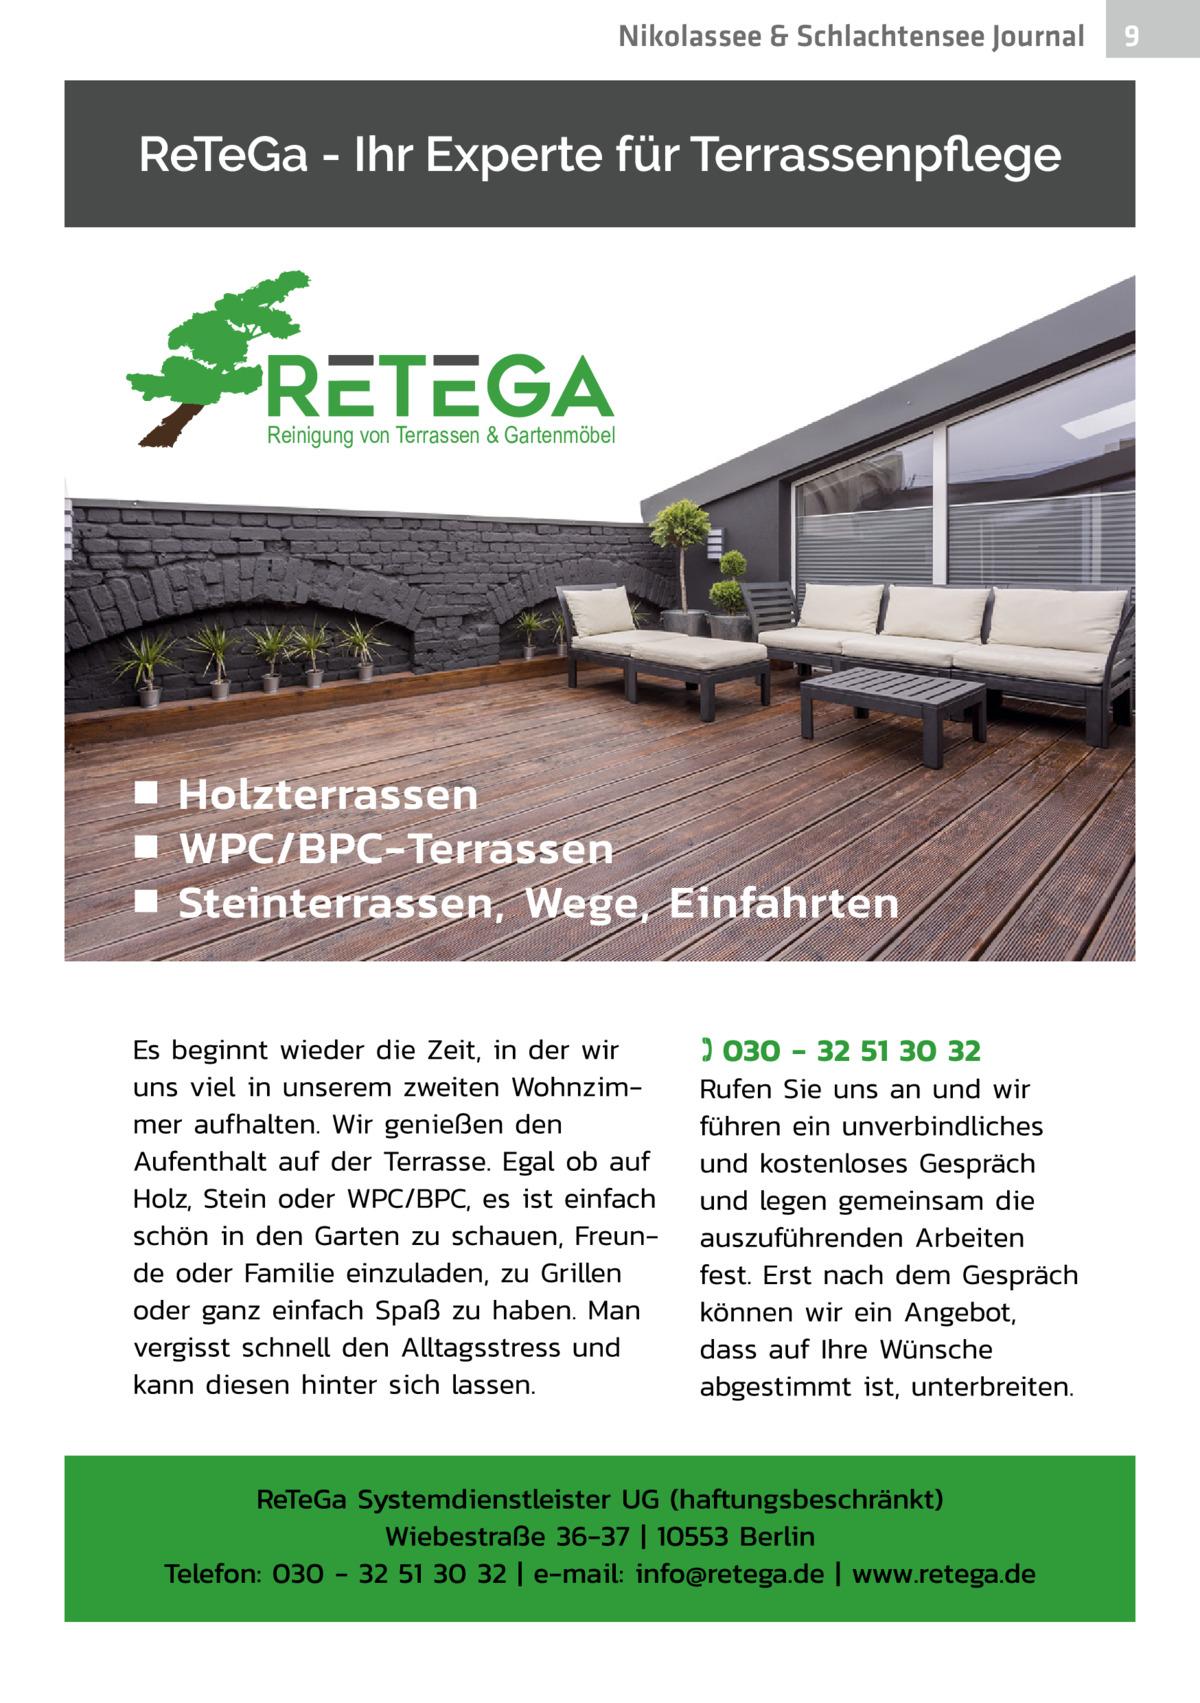 Nikolassee & Schlachtensee Journal  Reinigung von Terrassen & Gartenmöbel  9